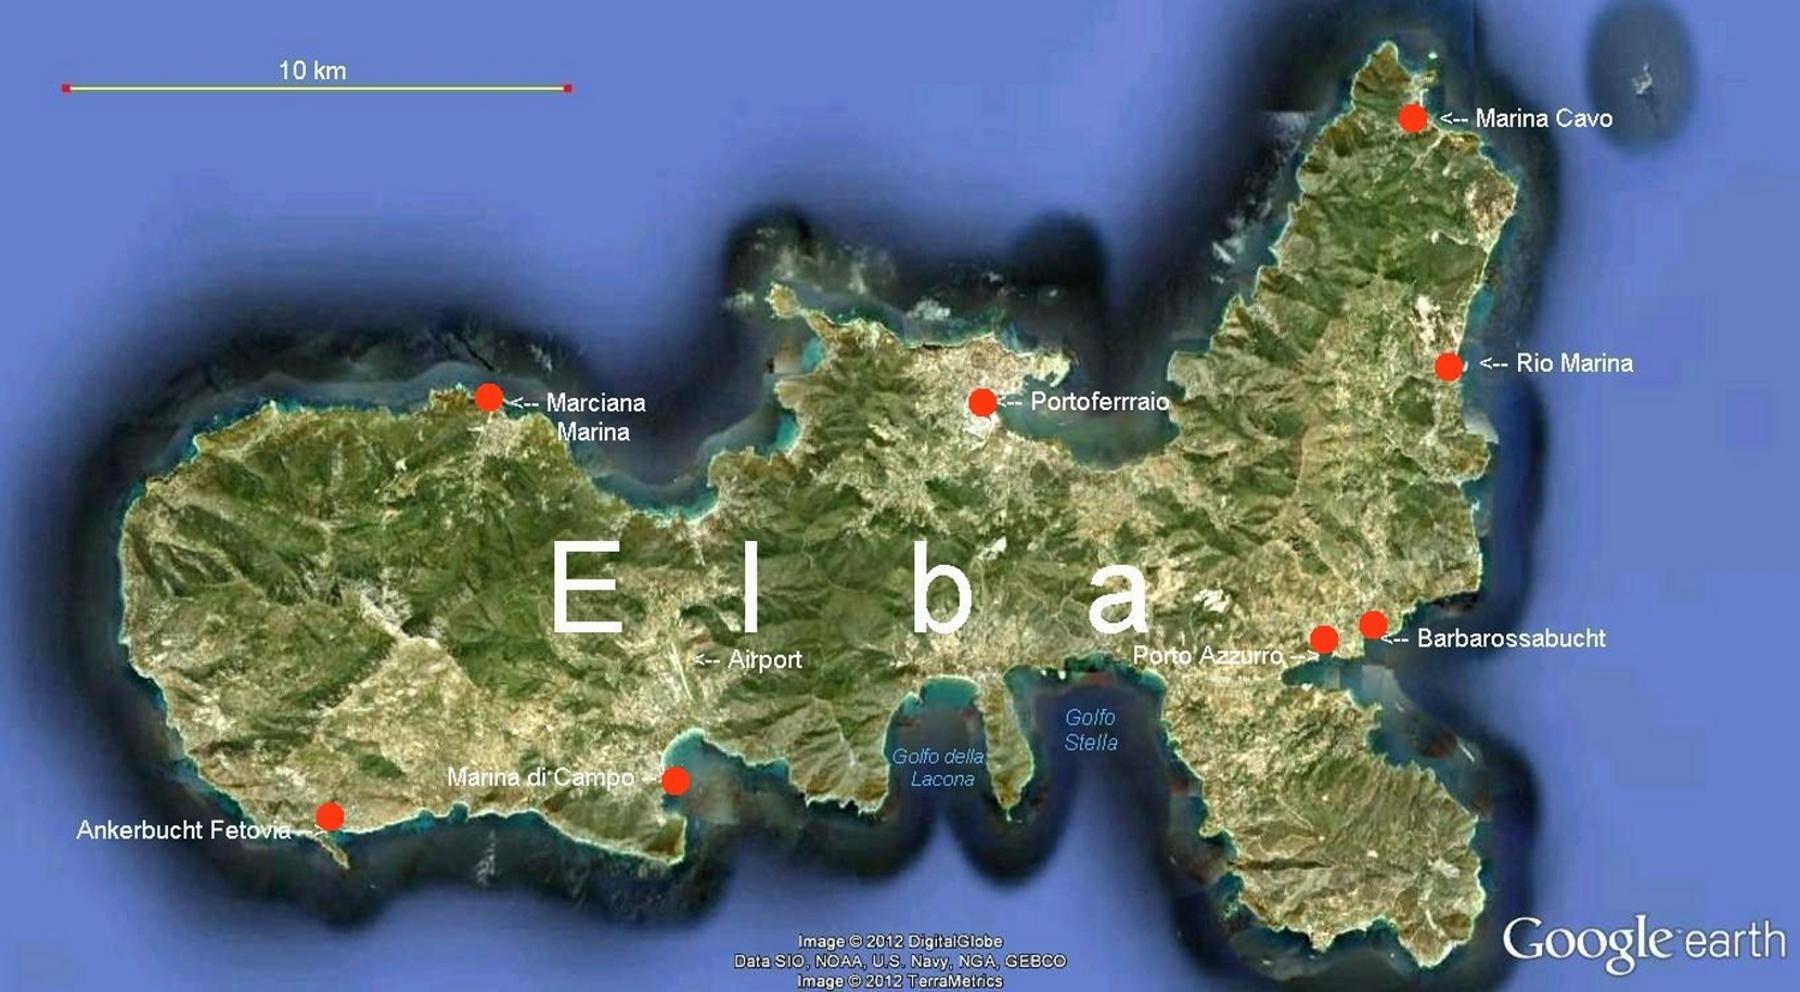 Insel Elba Karte.Online Hafenhandbuch Italien Insel Elba Und Die Marinas